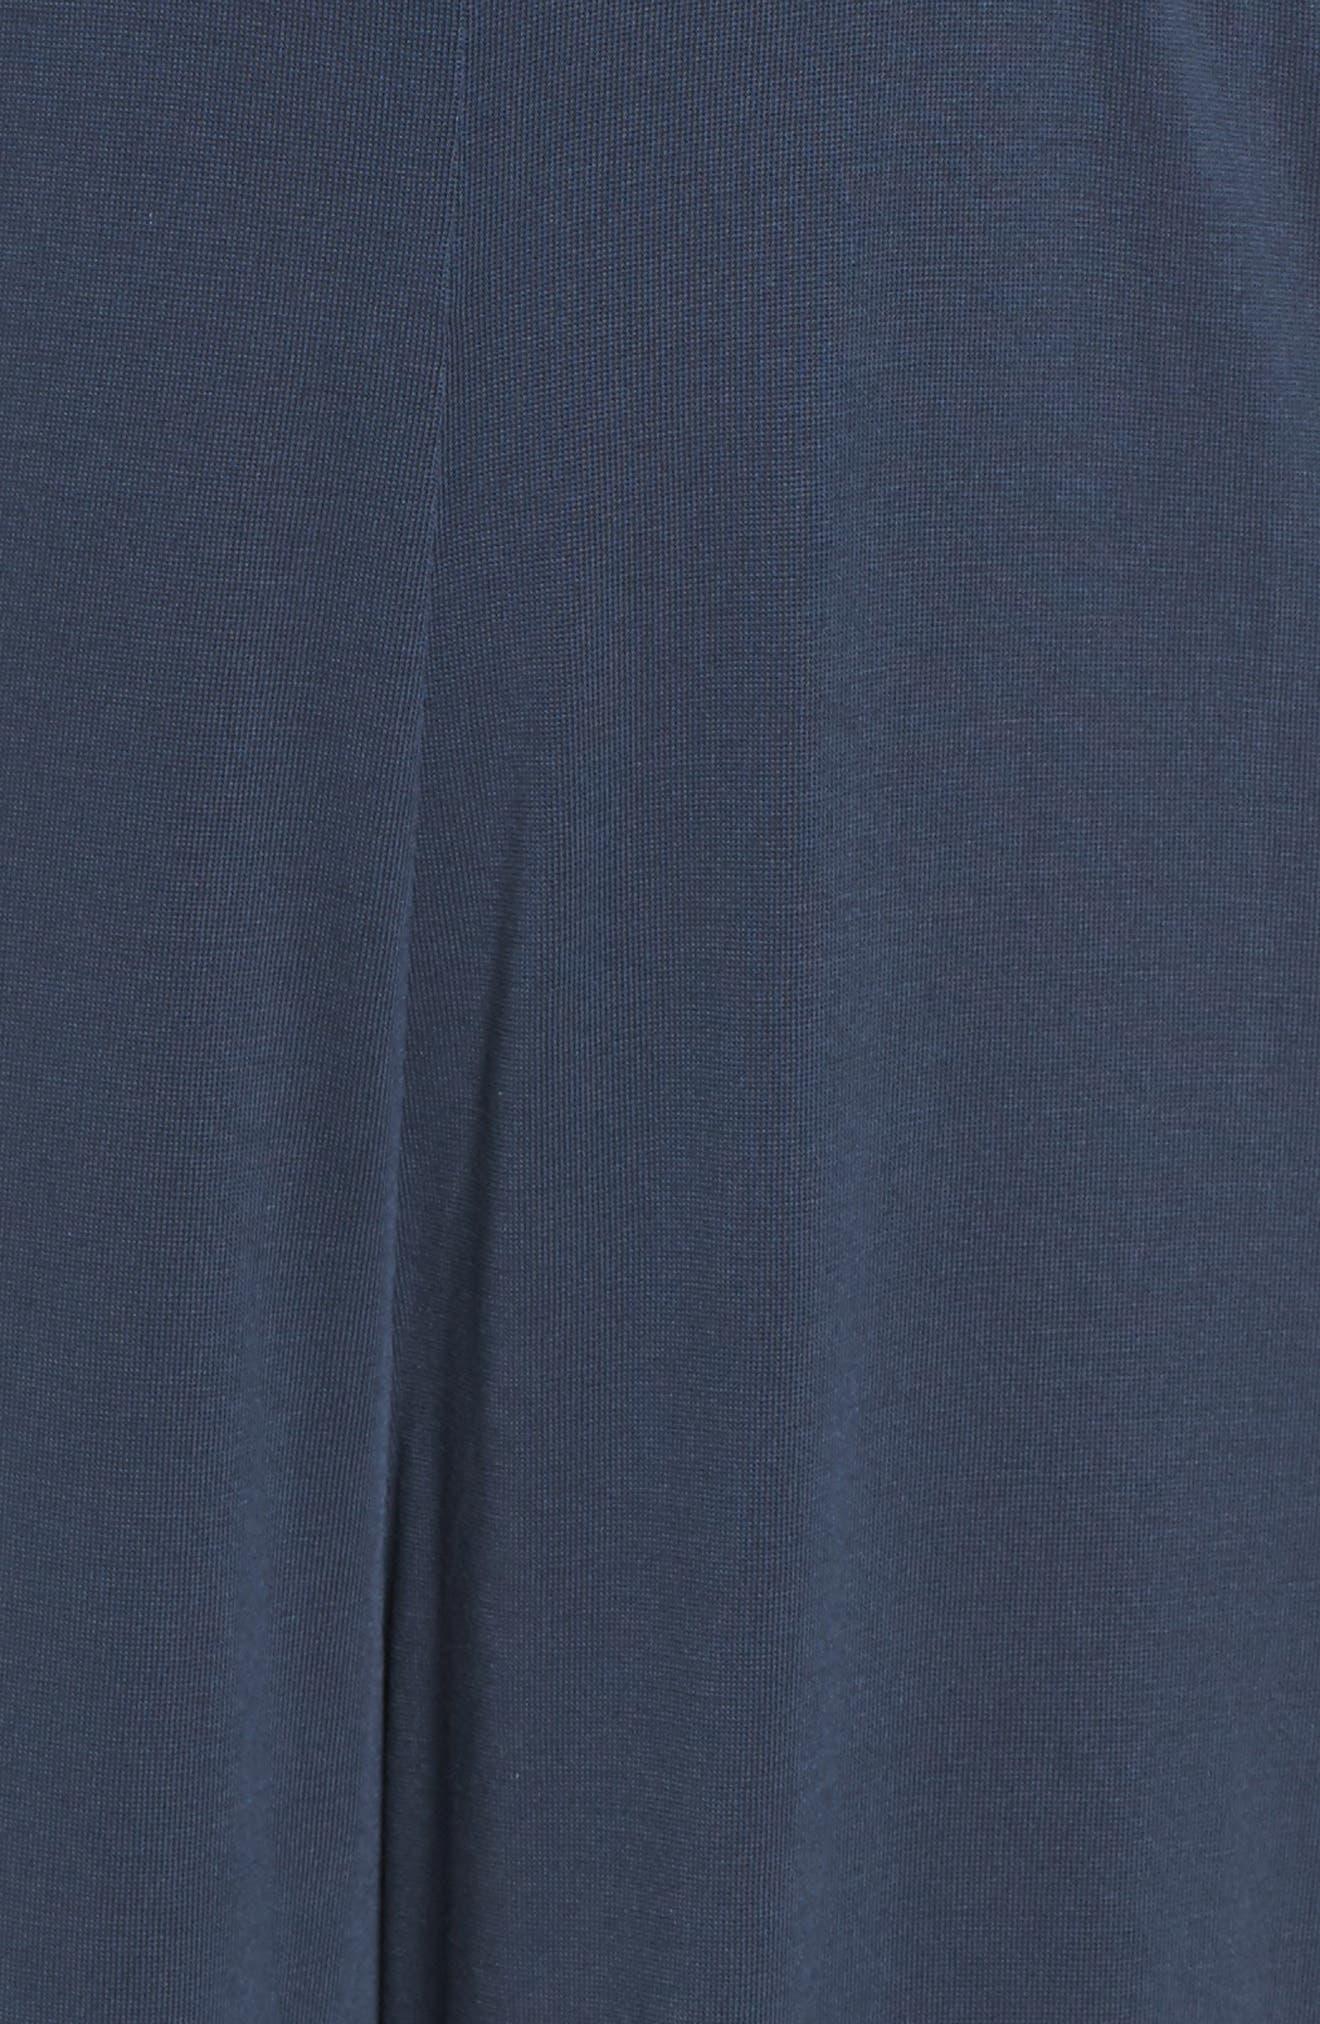 One-Shoulder Jumpsuit,                             Alternate thumbnail 5, color,                             021